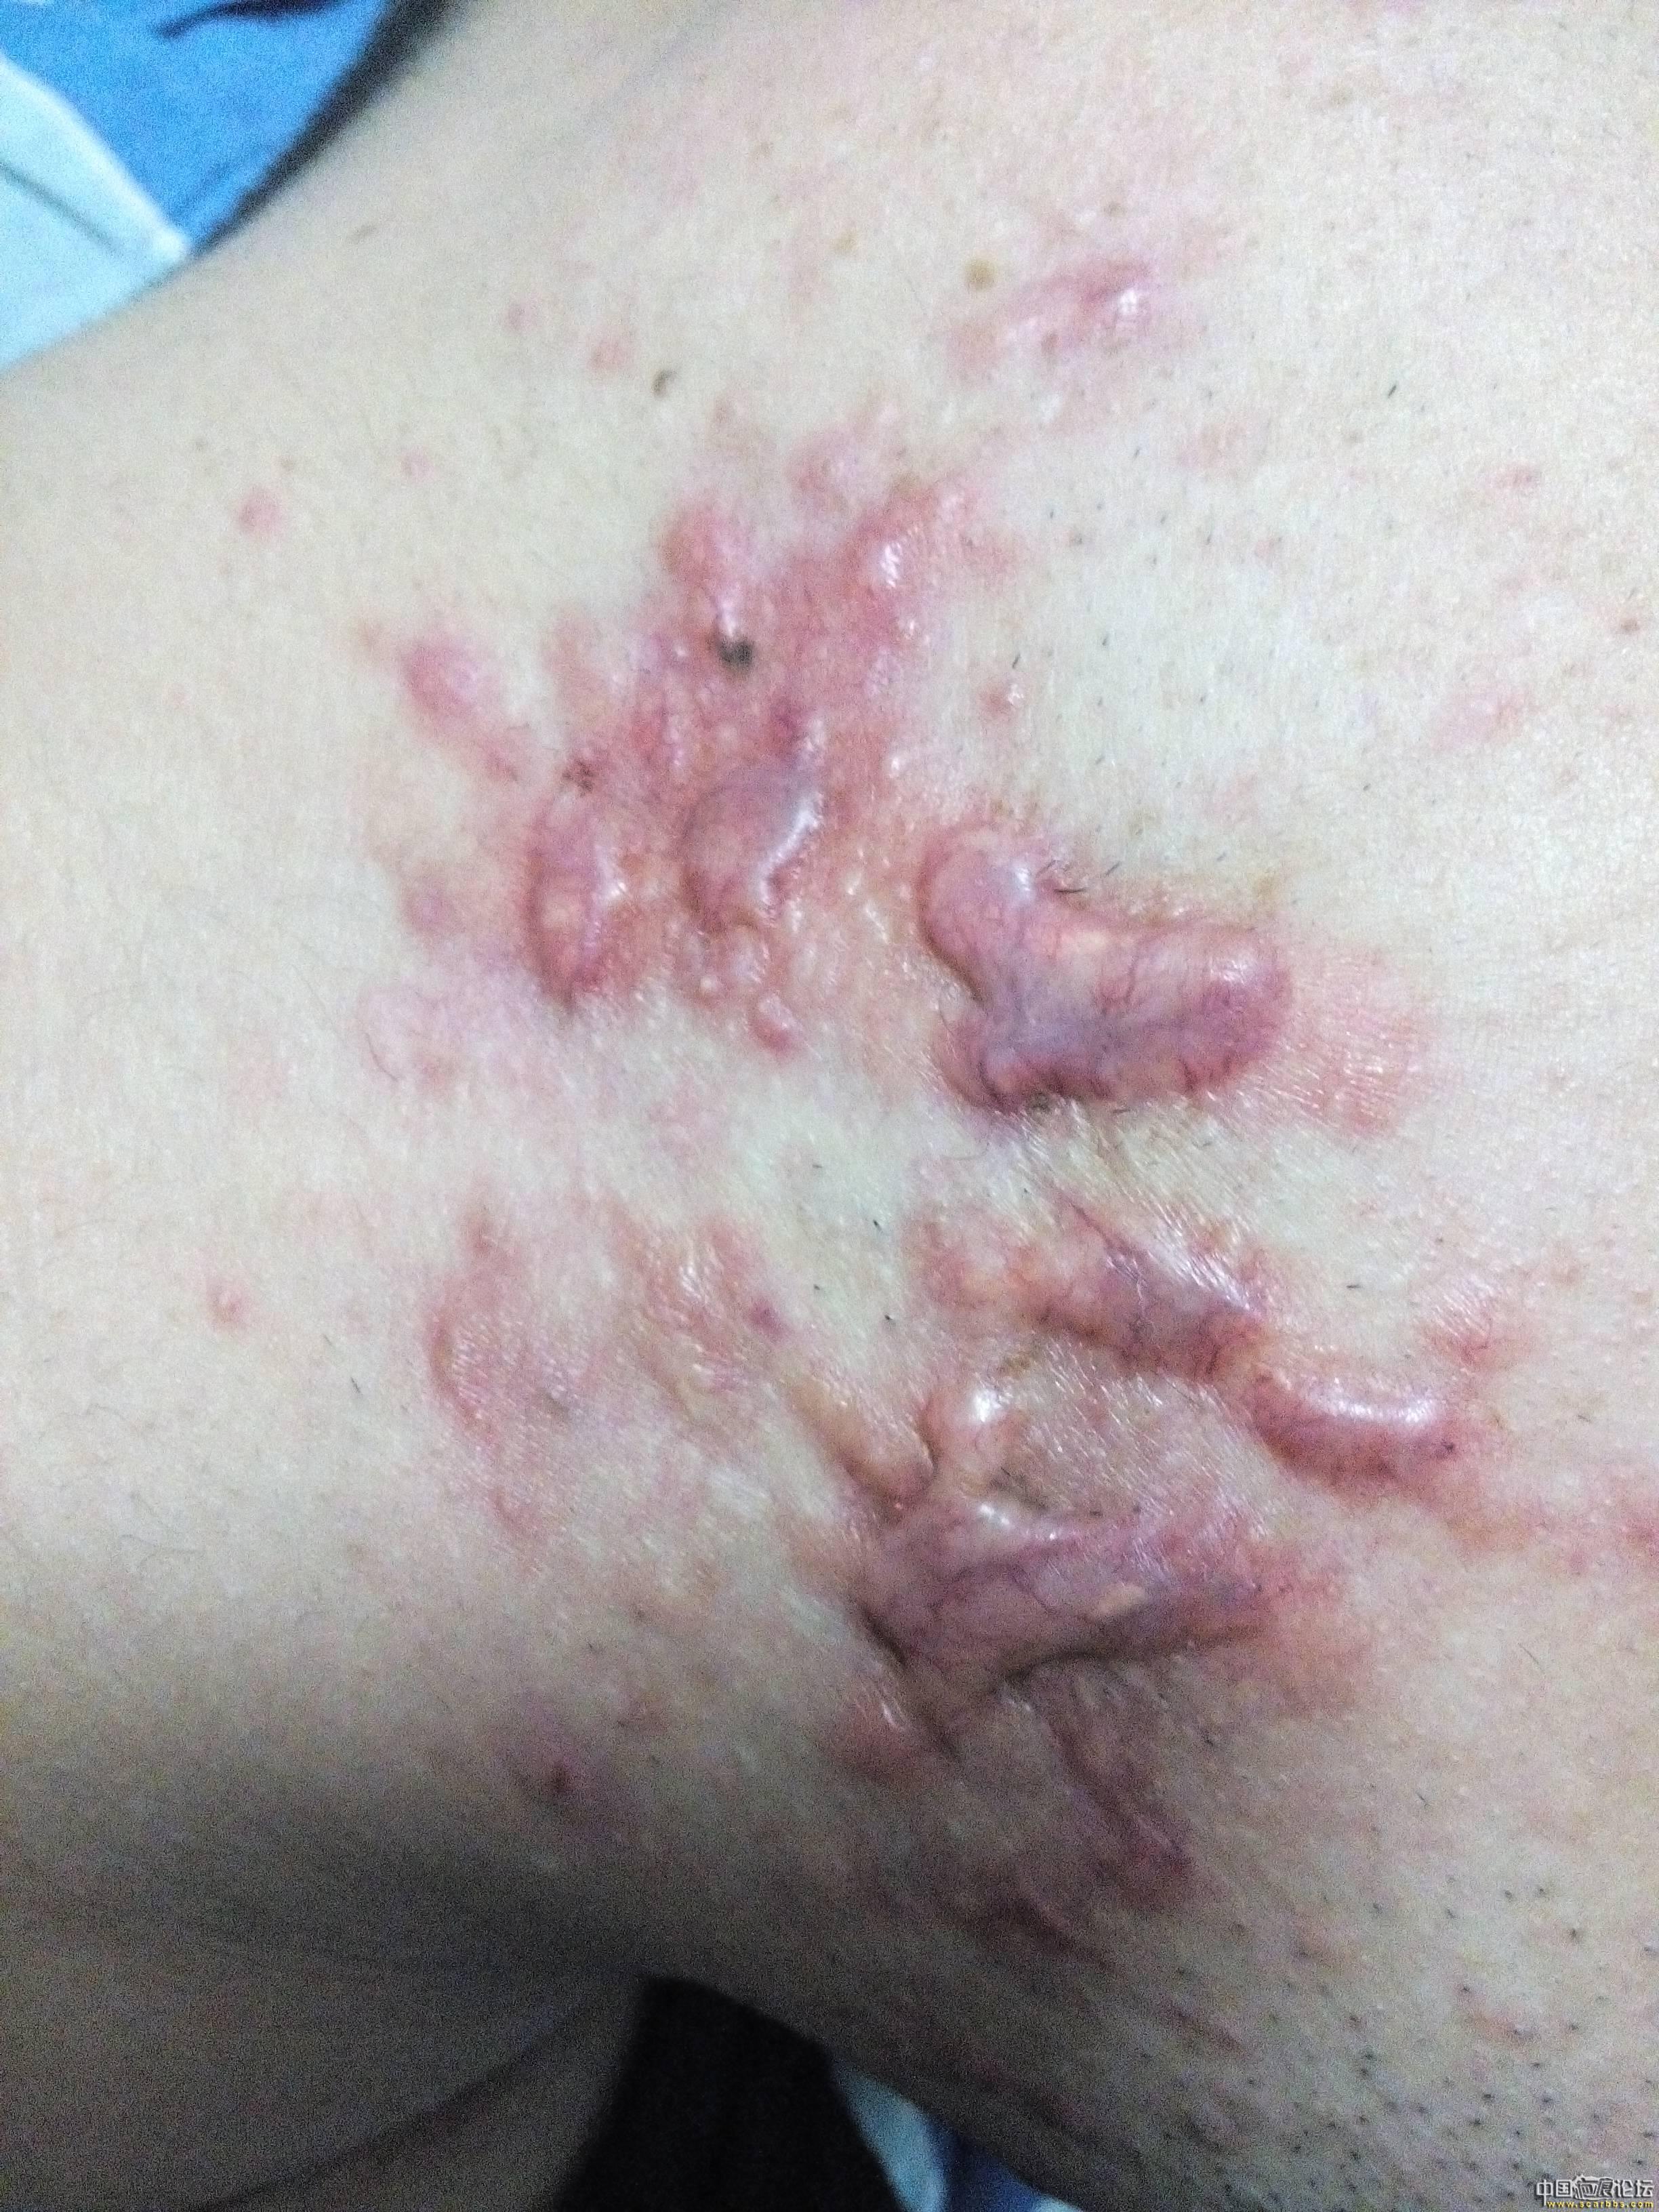 陪伴4年的腮部疤痕疙瘩治疗效果分享44-疤痕体质图片_疤痕疙瘩图片-中国疤痕论坛